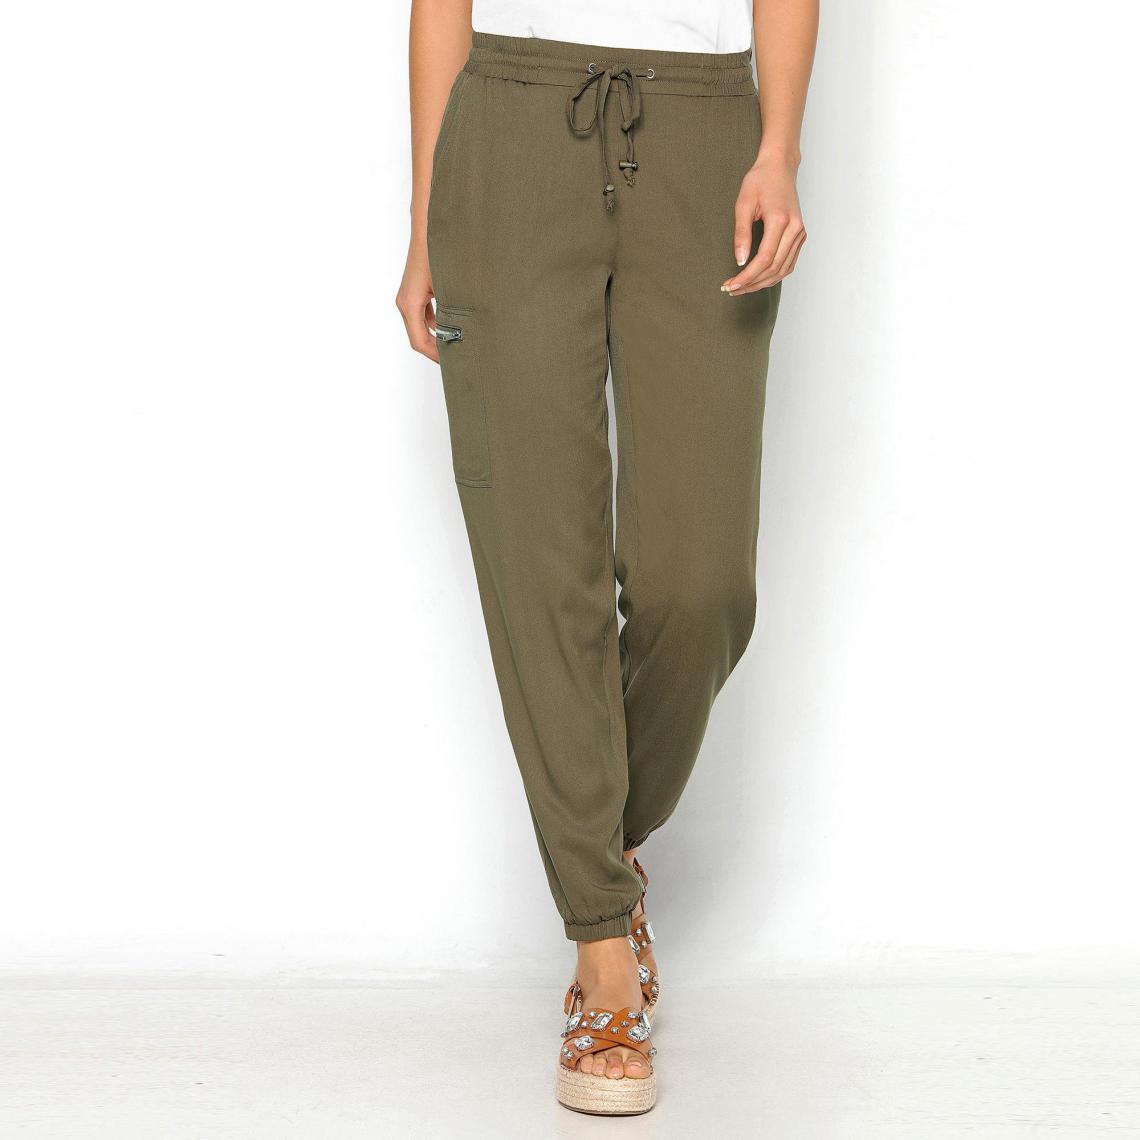 pantalon femme picture